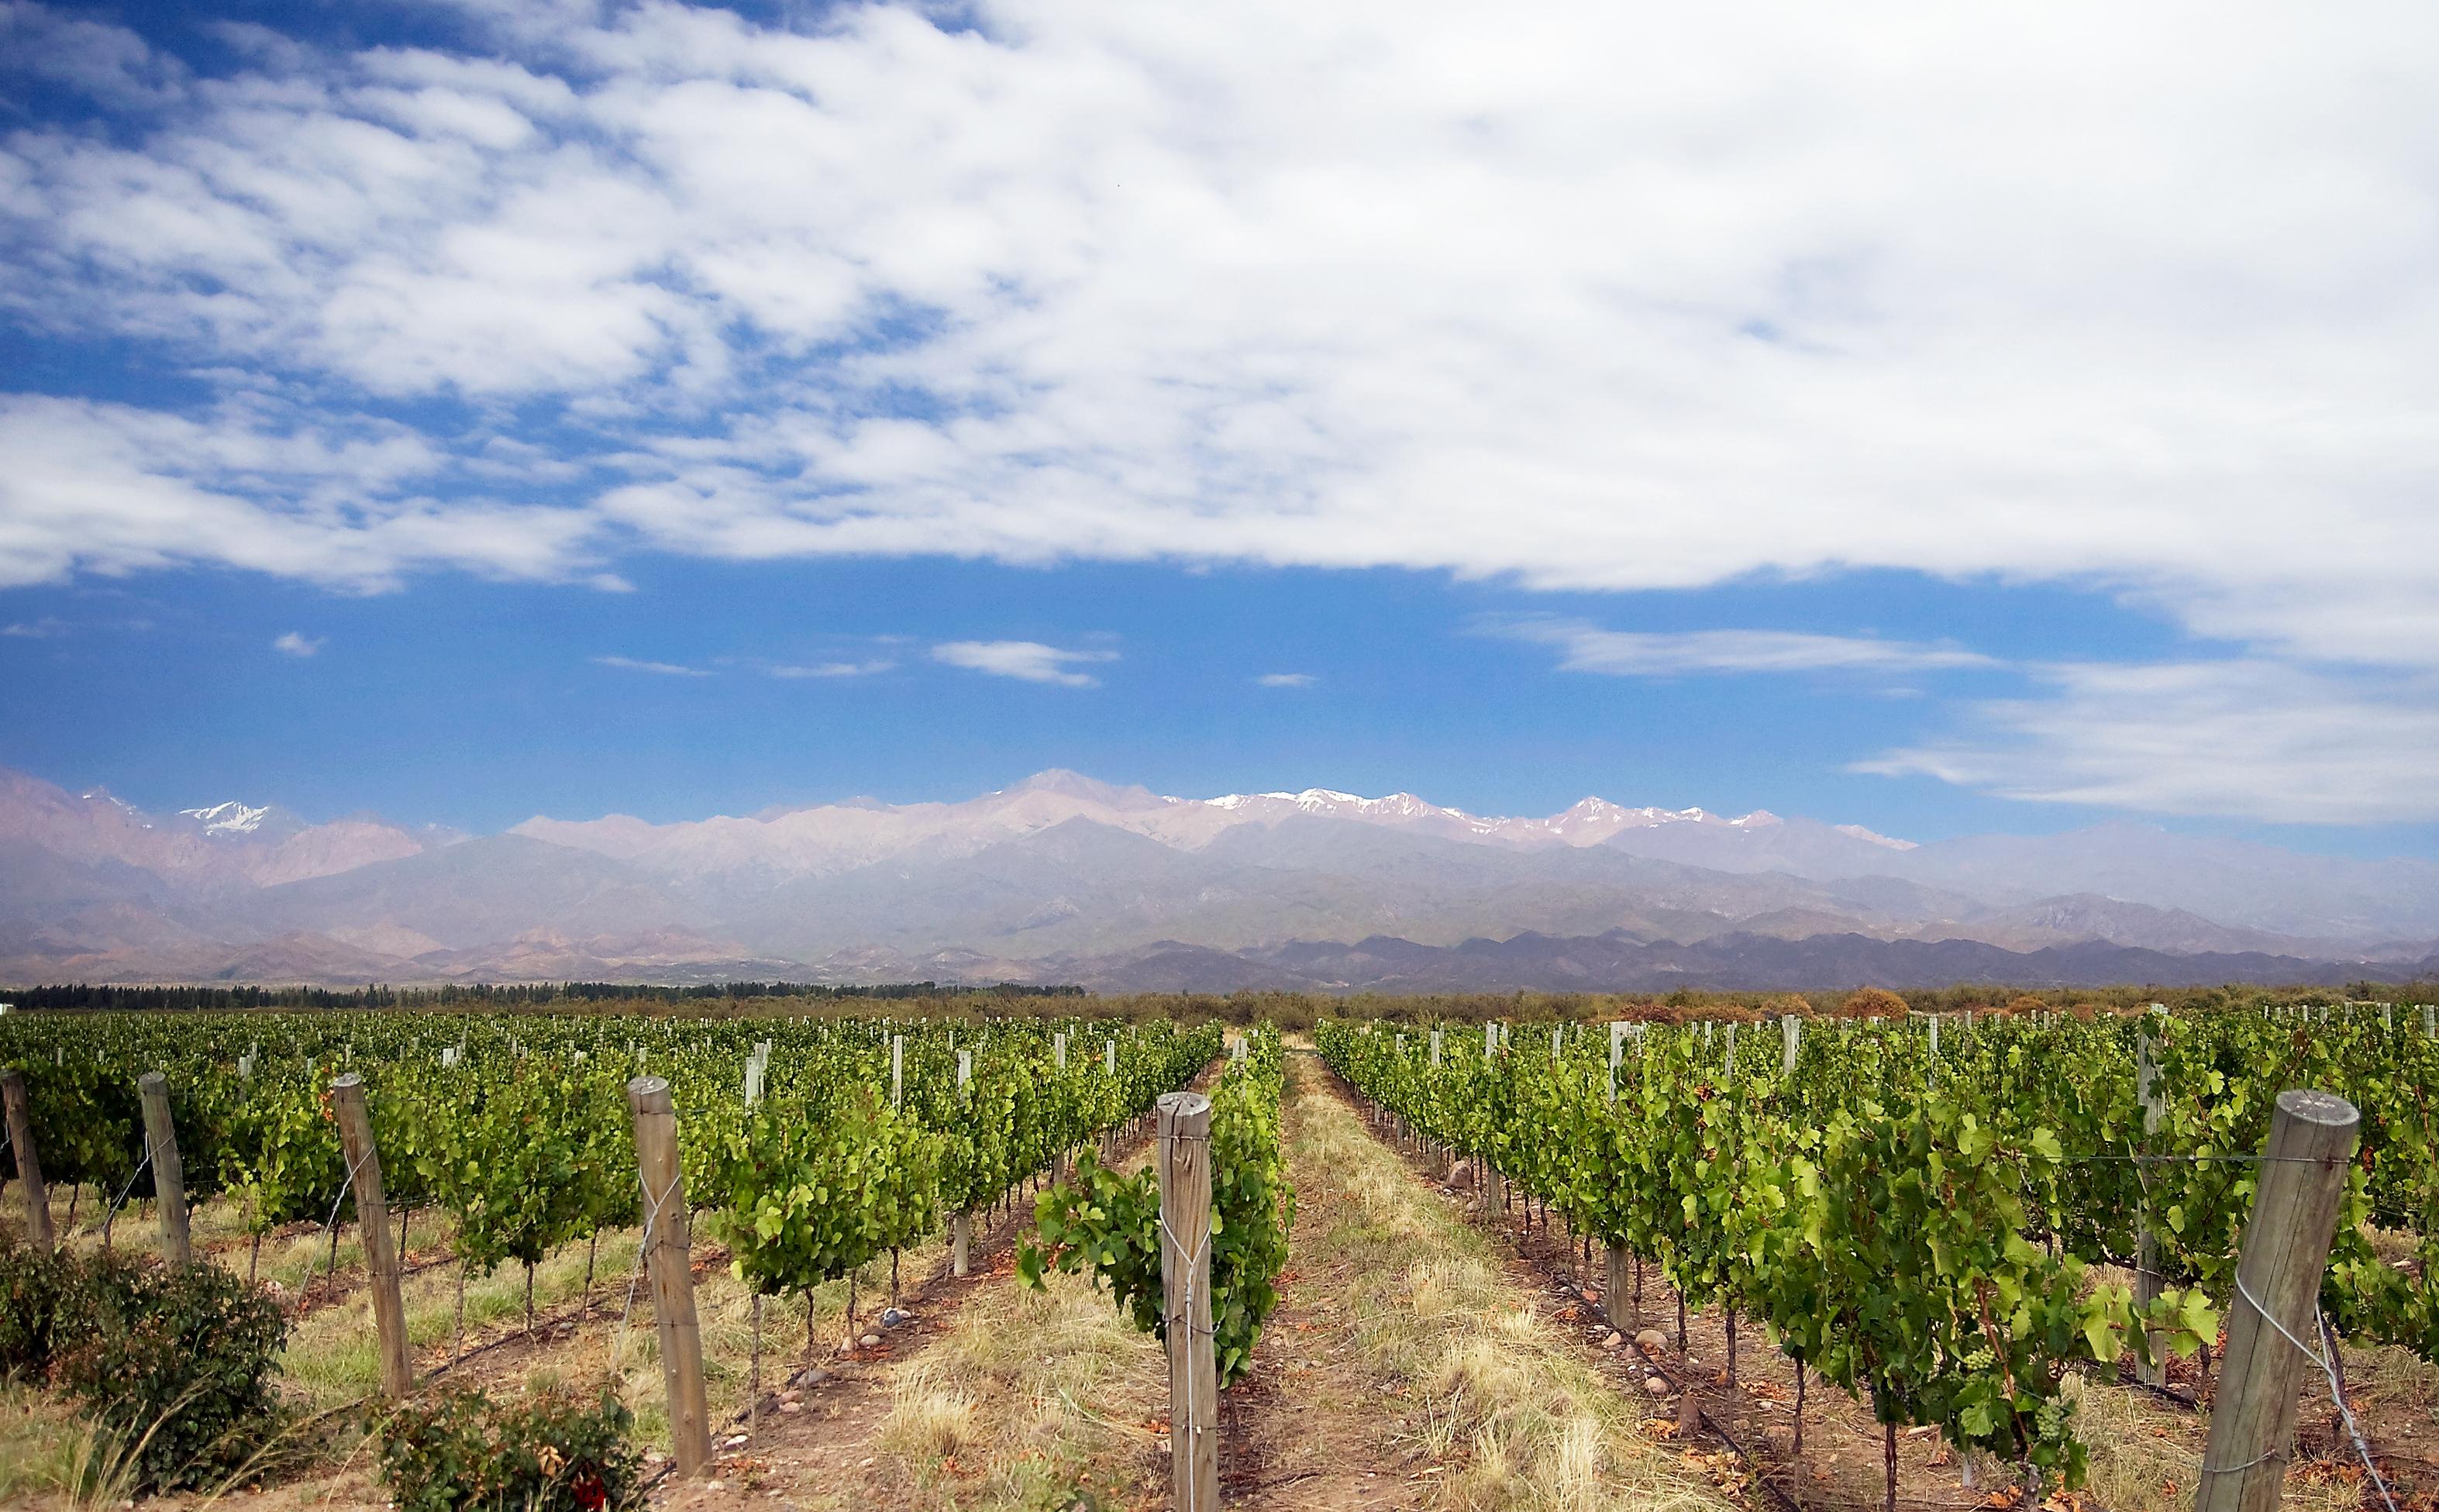 Afbeeldingsresultaat voor mendoza wijnstreek